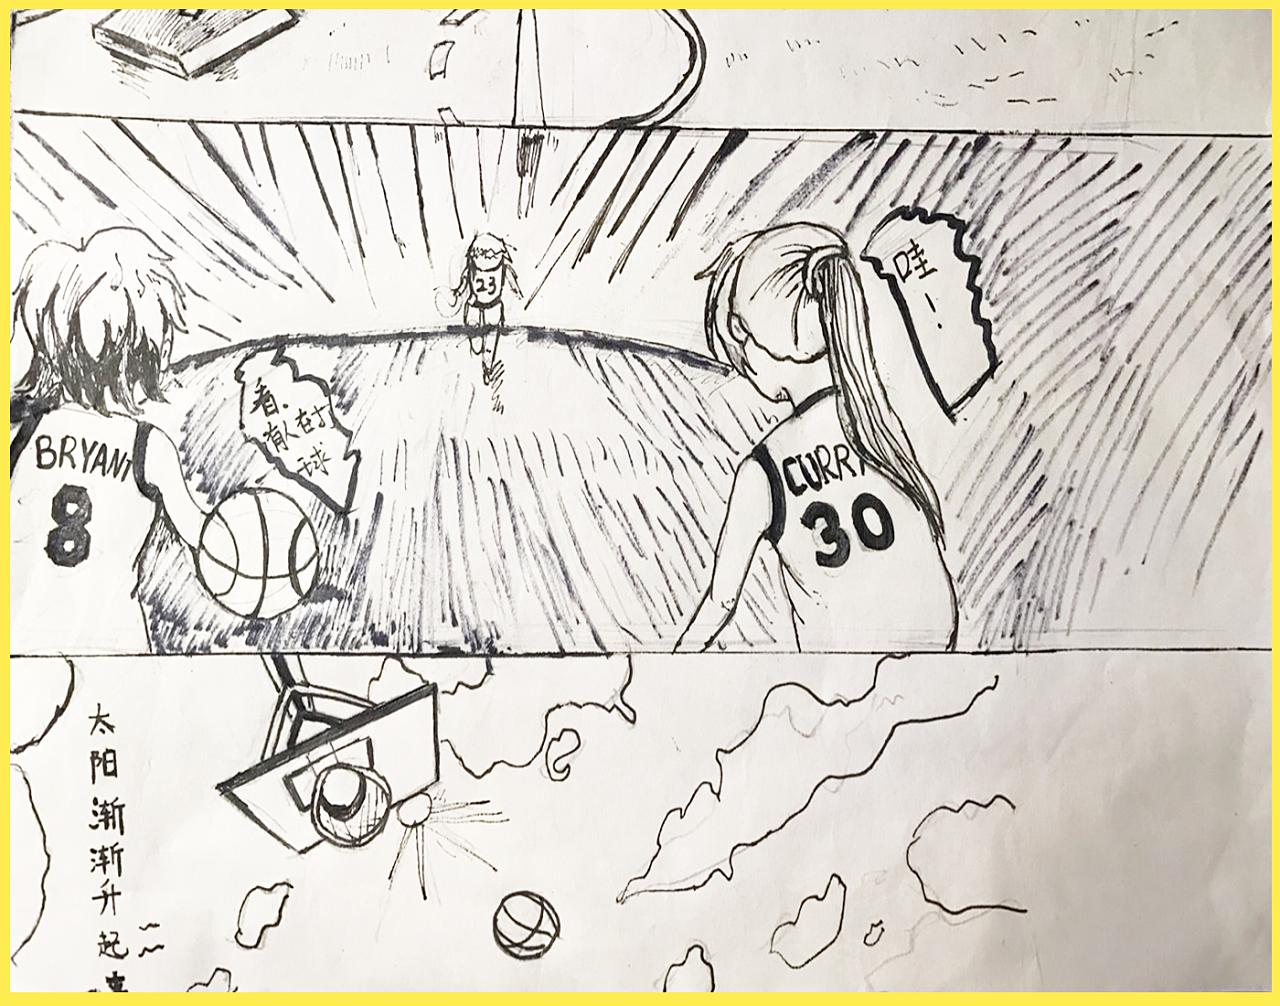 手绘动漫小作业|动漫|短篇/四格漫画|bystanders